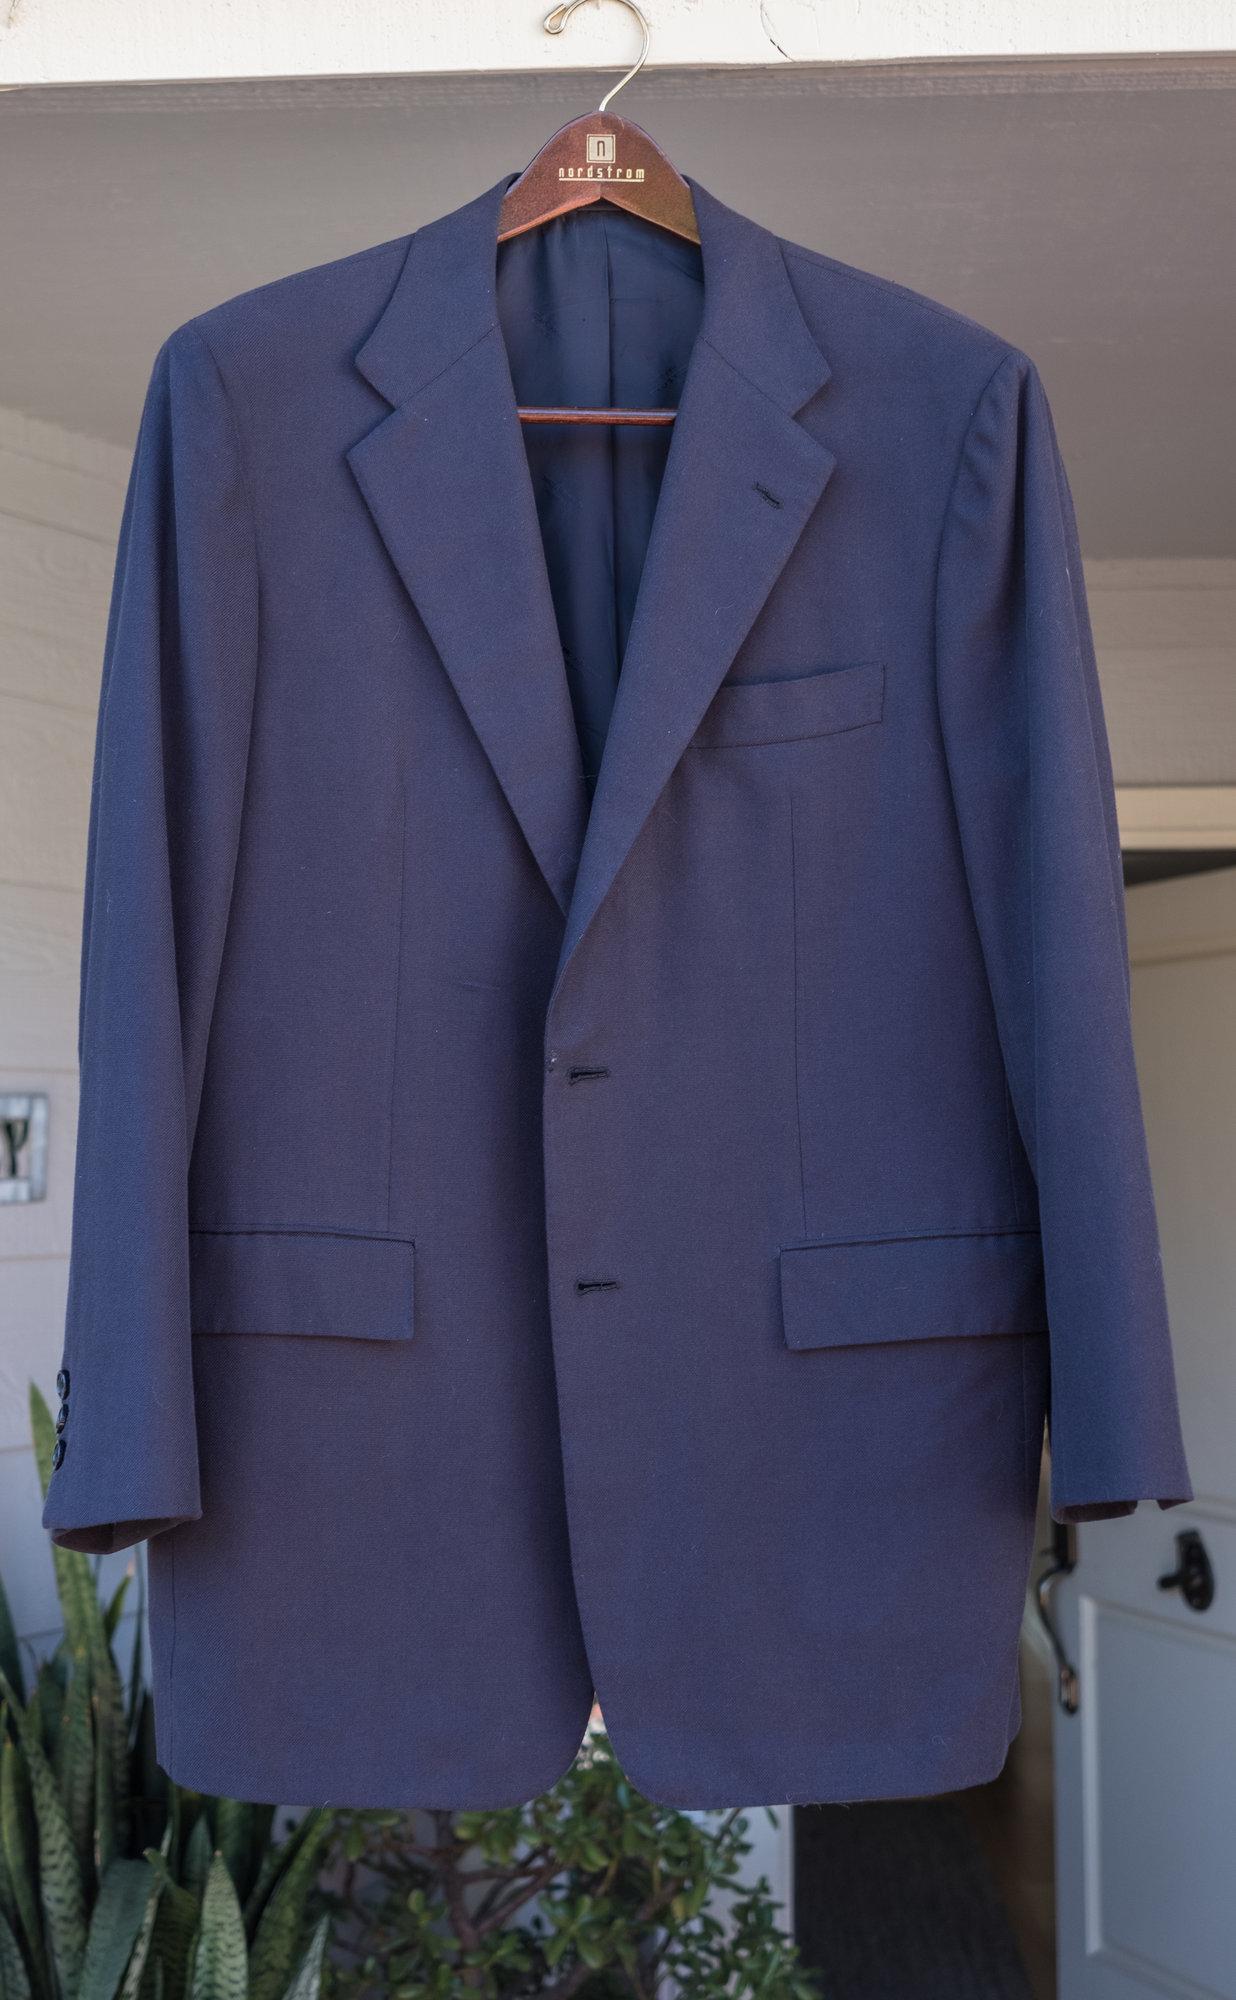 Kiton Cotton Blue Blazer in 54R (42R US size)-2.jpg